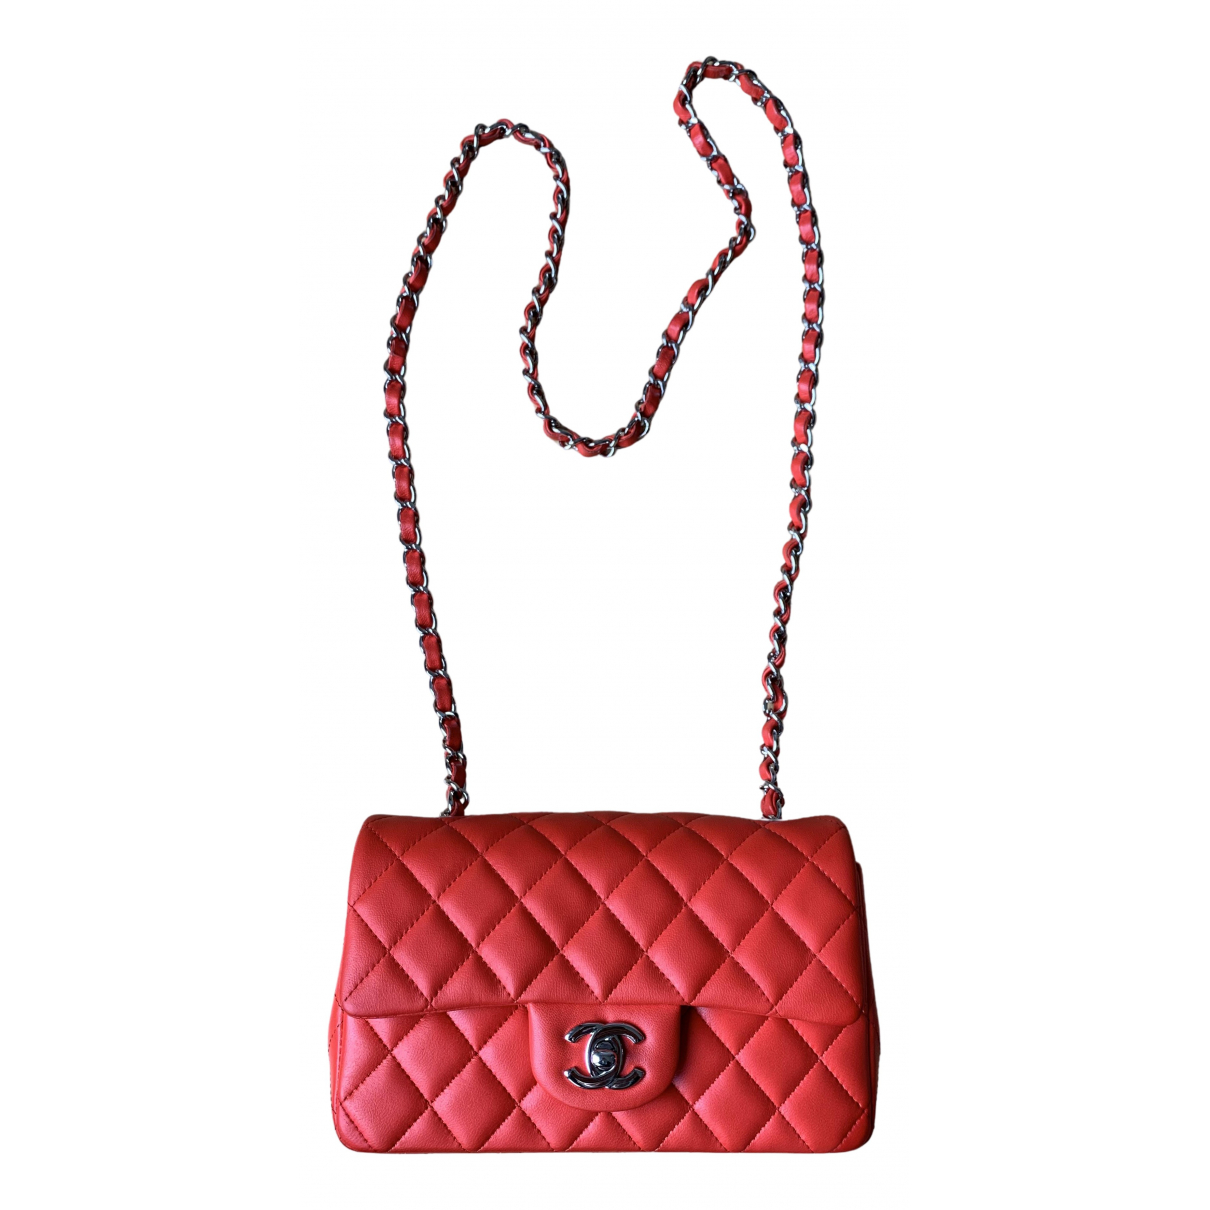 Chanel - Sac a main Timeless/Classique pour femme en cuir - rouge